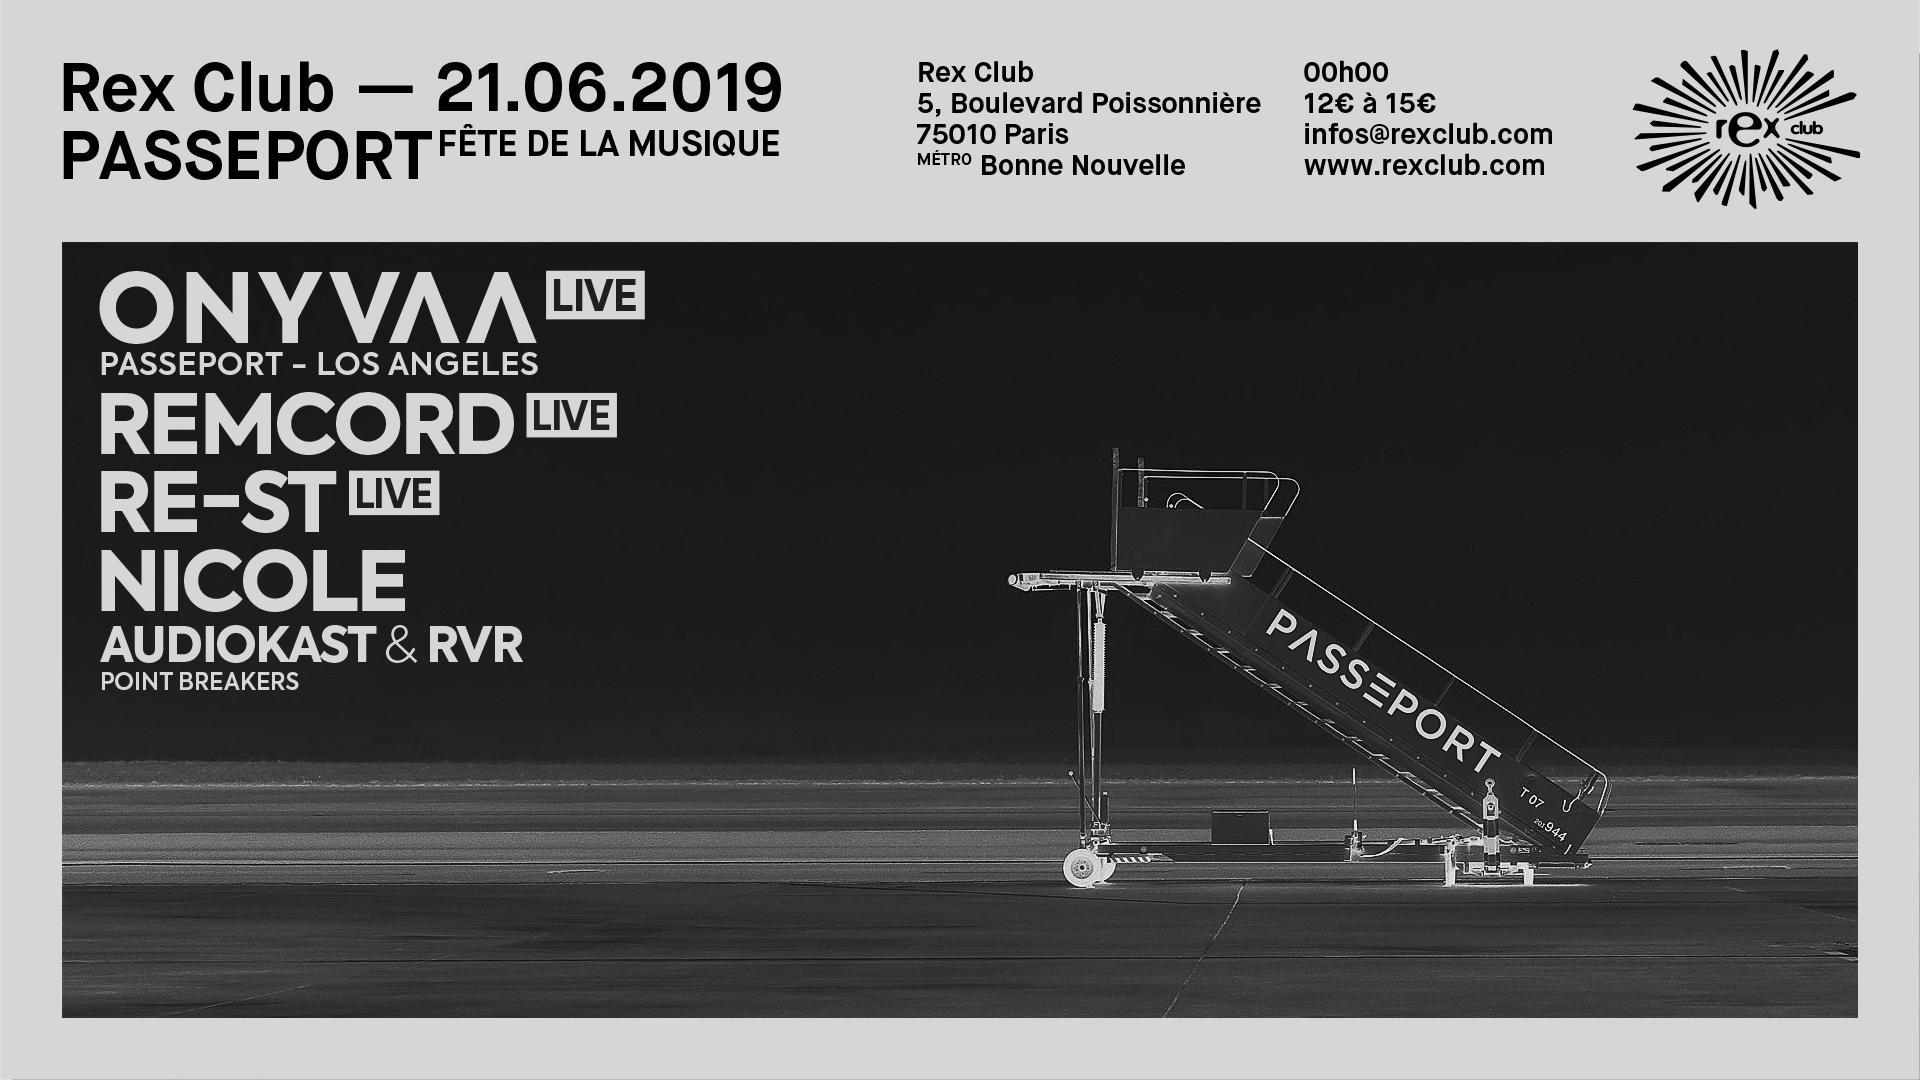 Passeport Special Fete De La Musique: Onyvaa Live & more